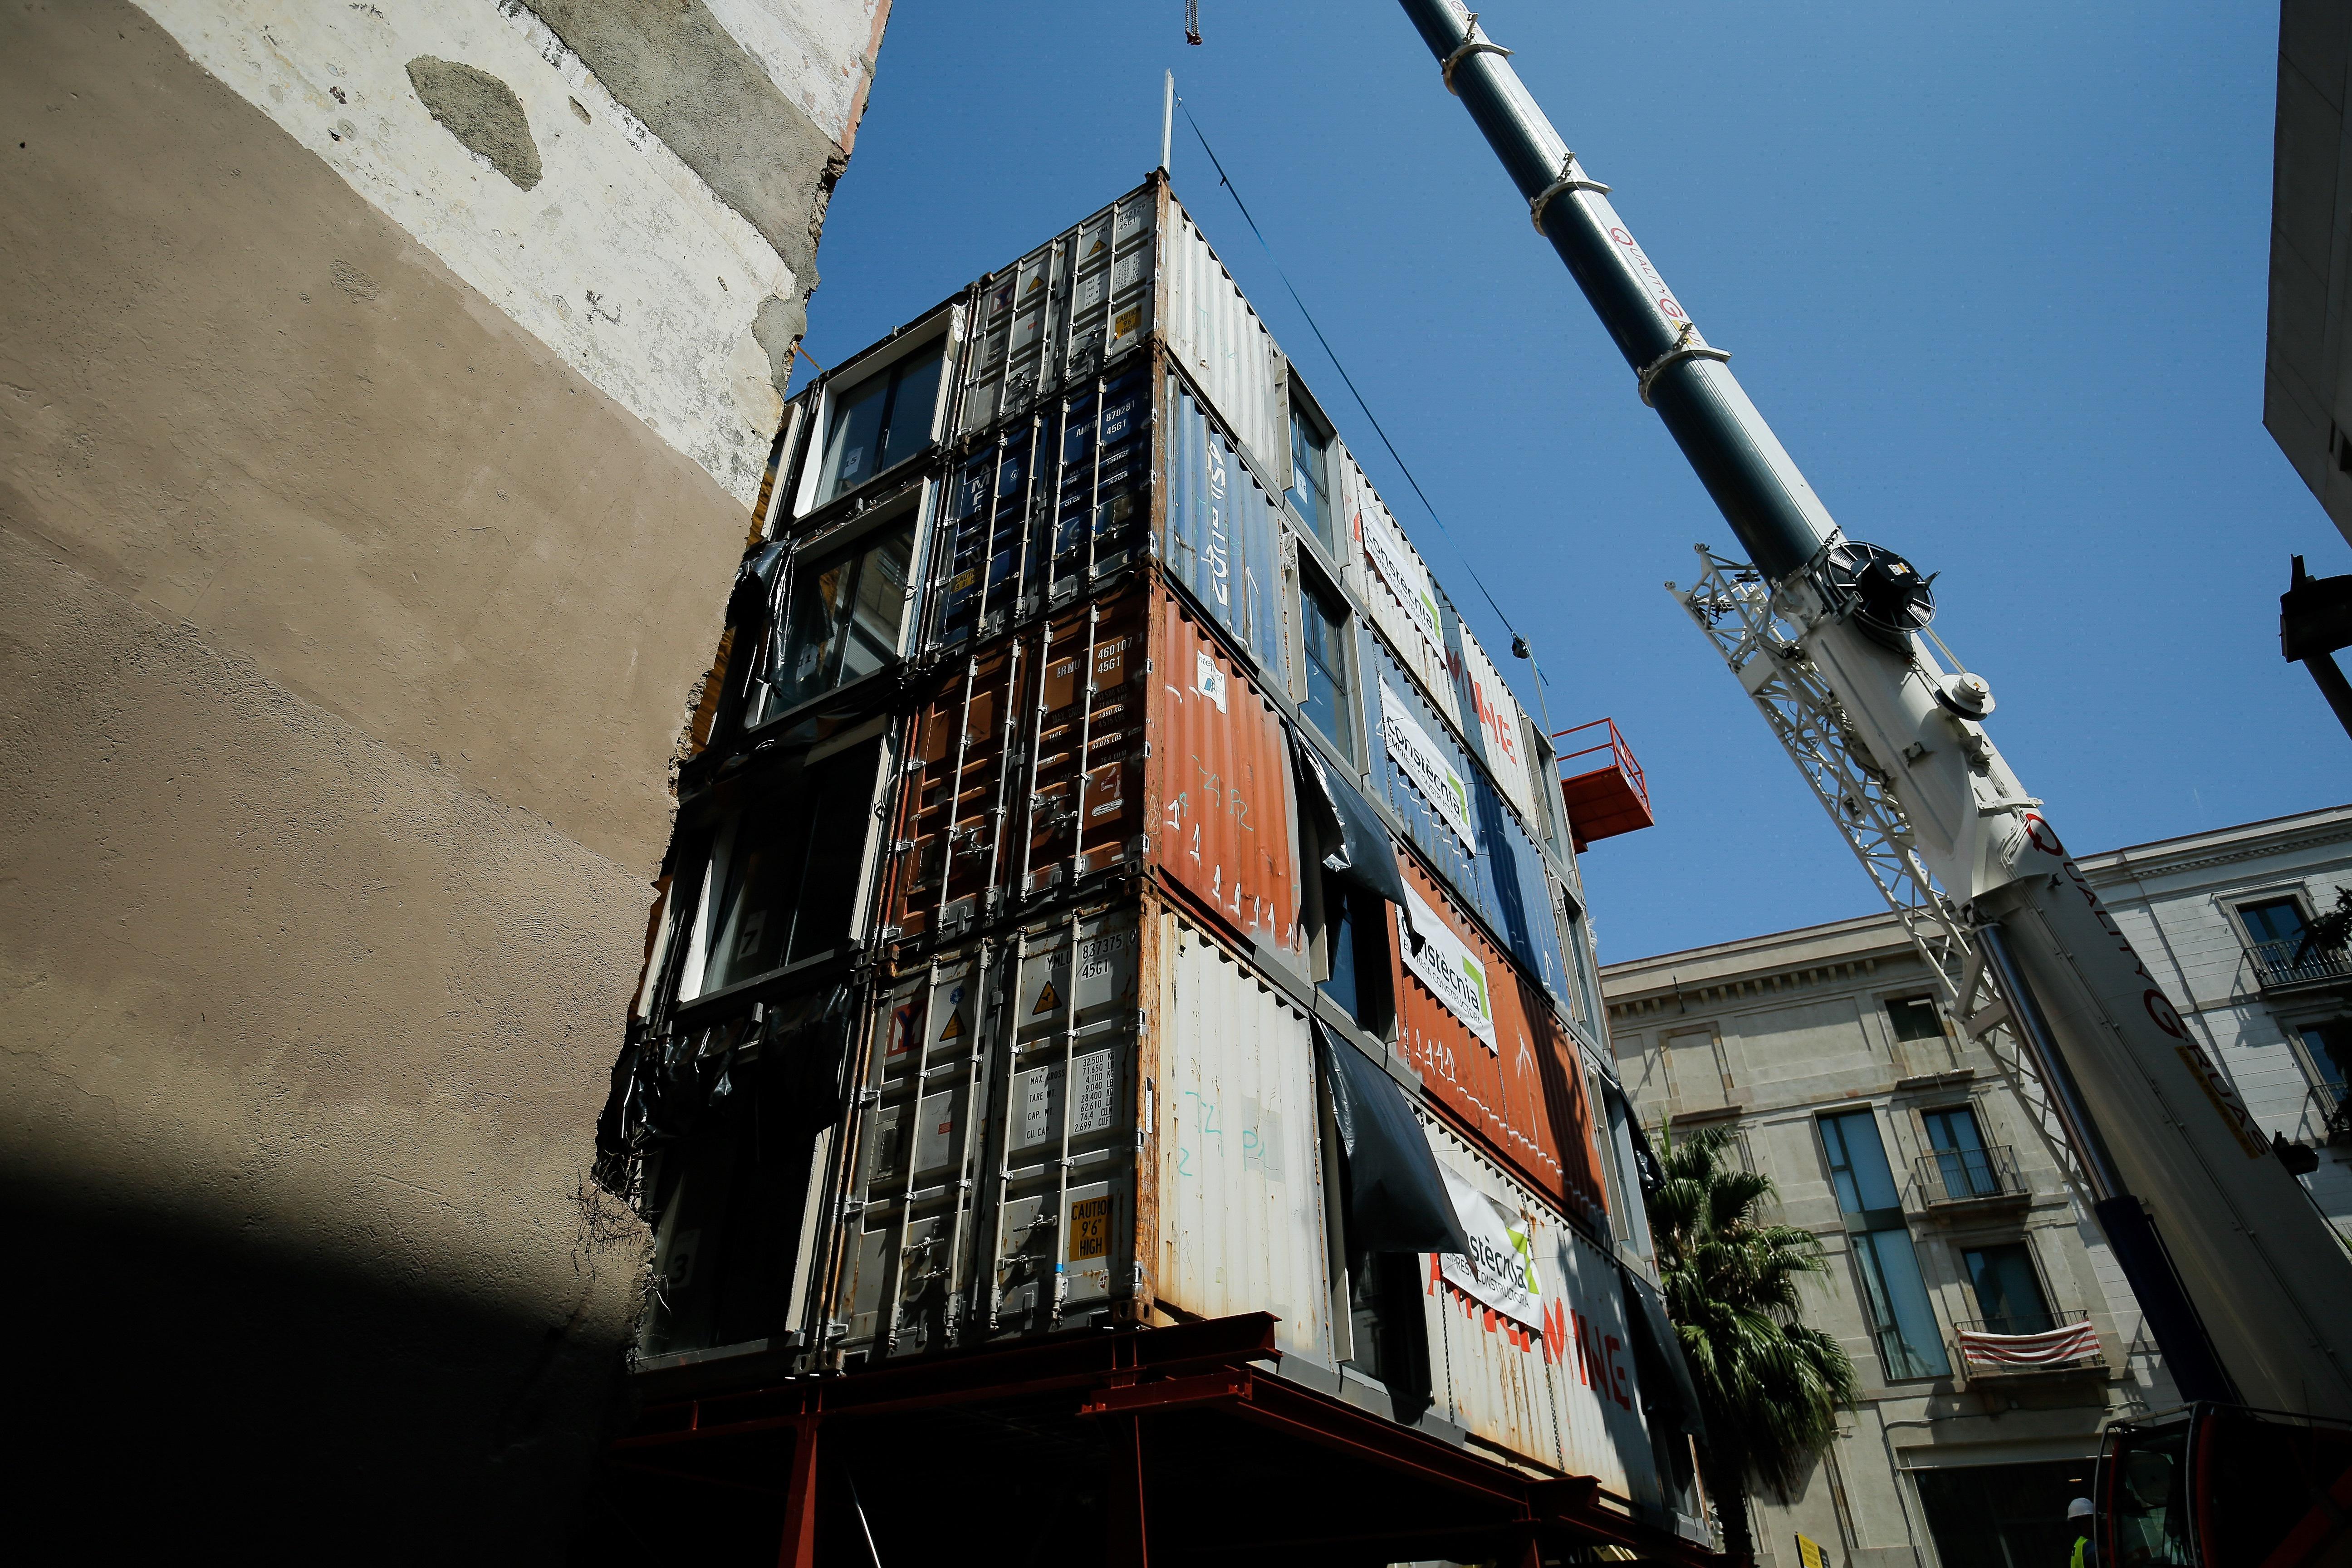 Teherkonténerekből építenek apró lakásokat Barcelona belvárosában a rászorulóknak